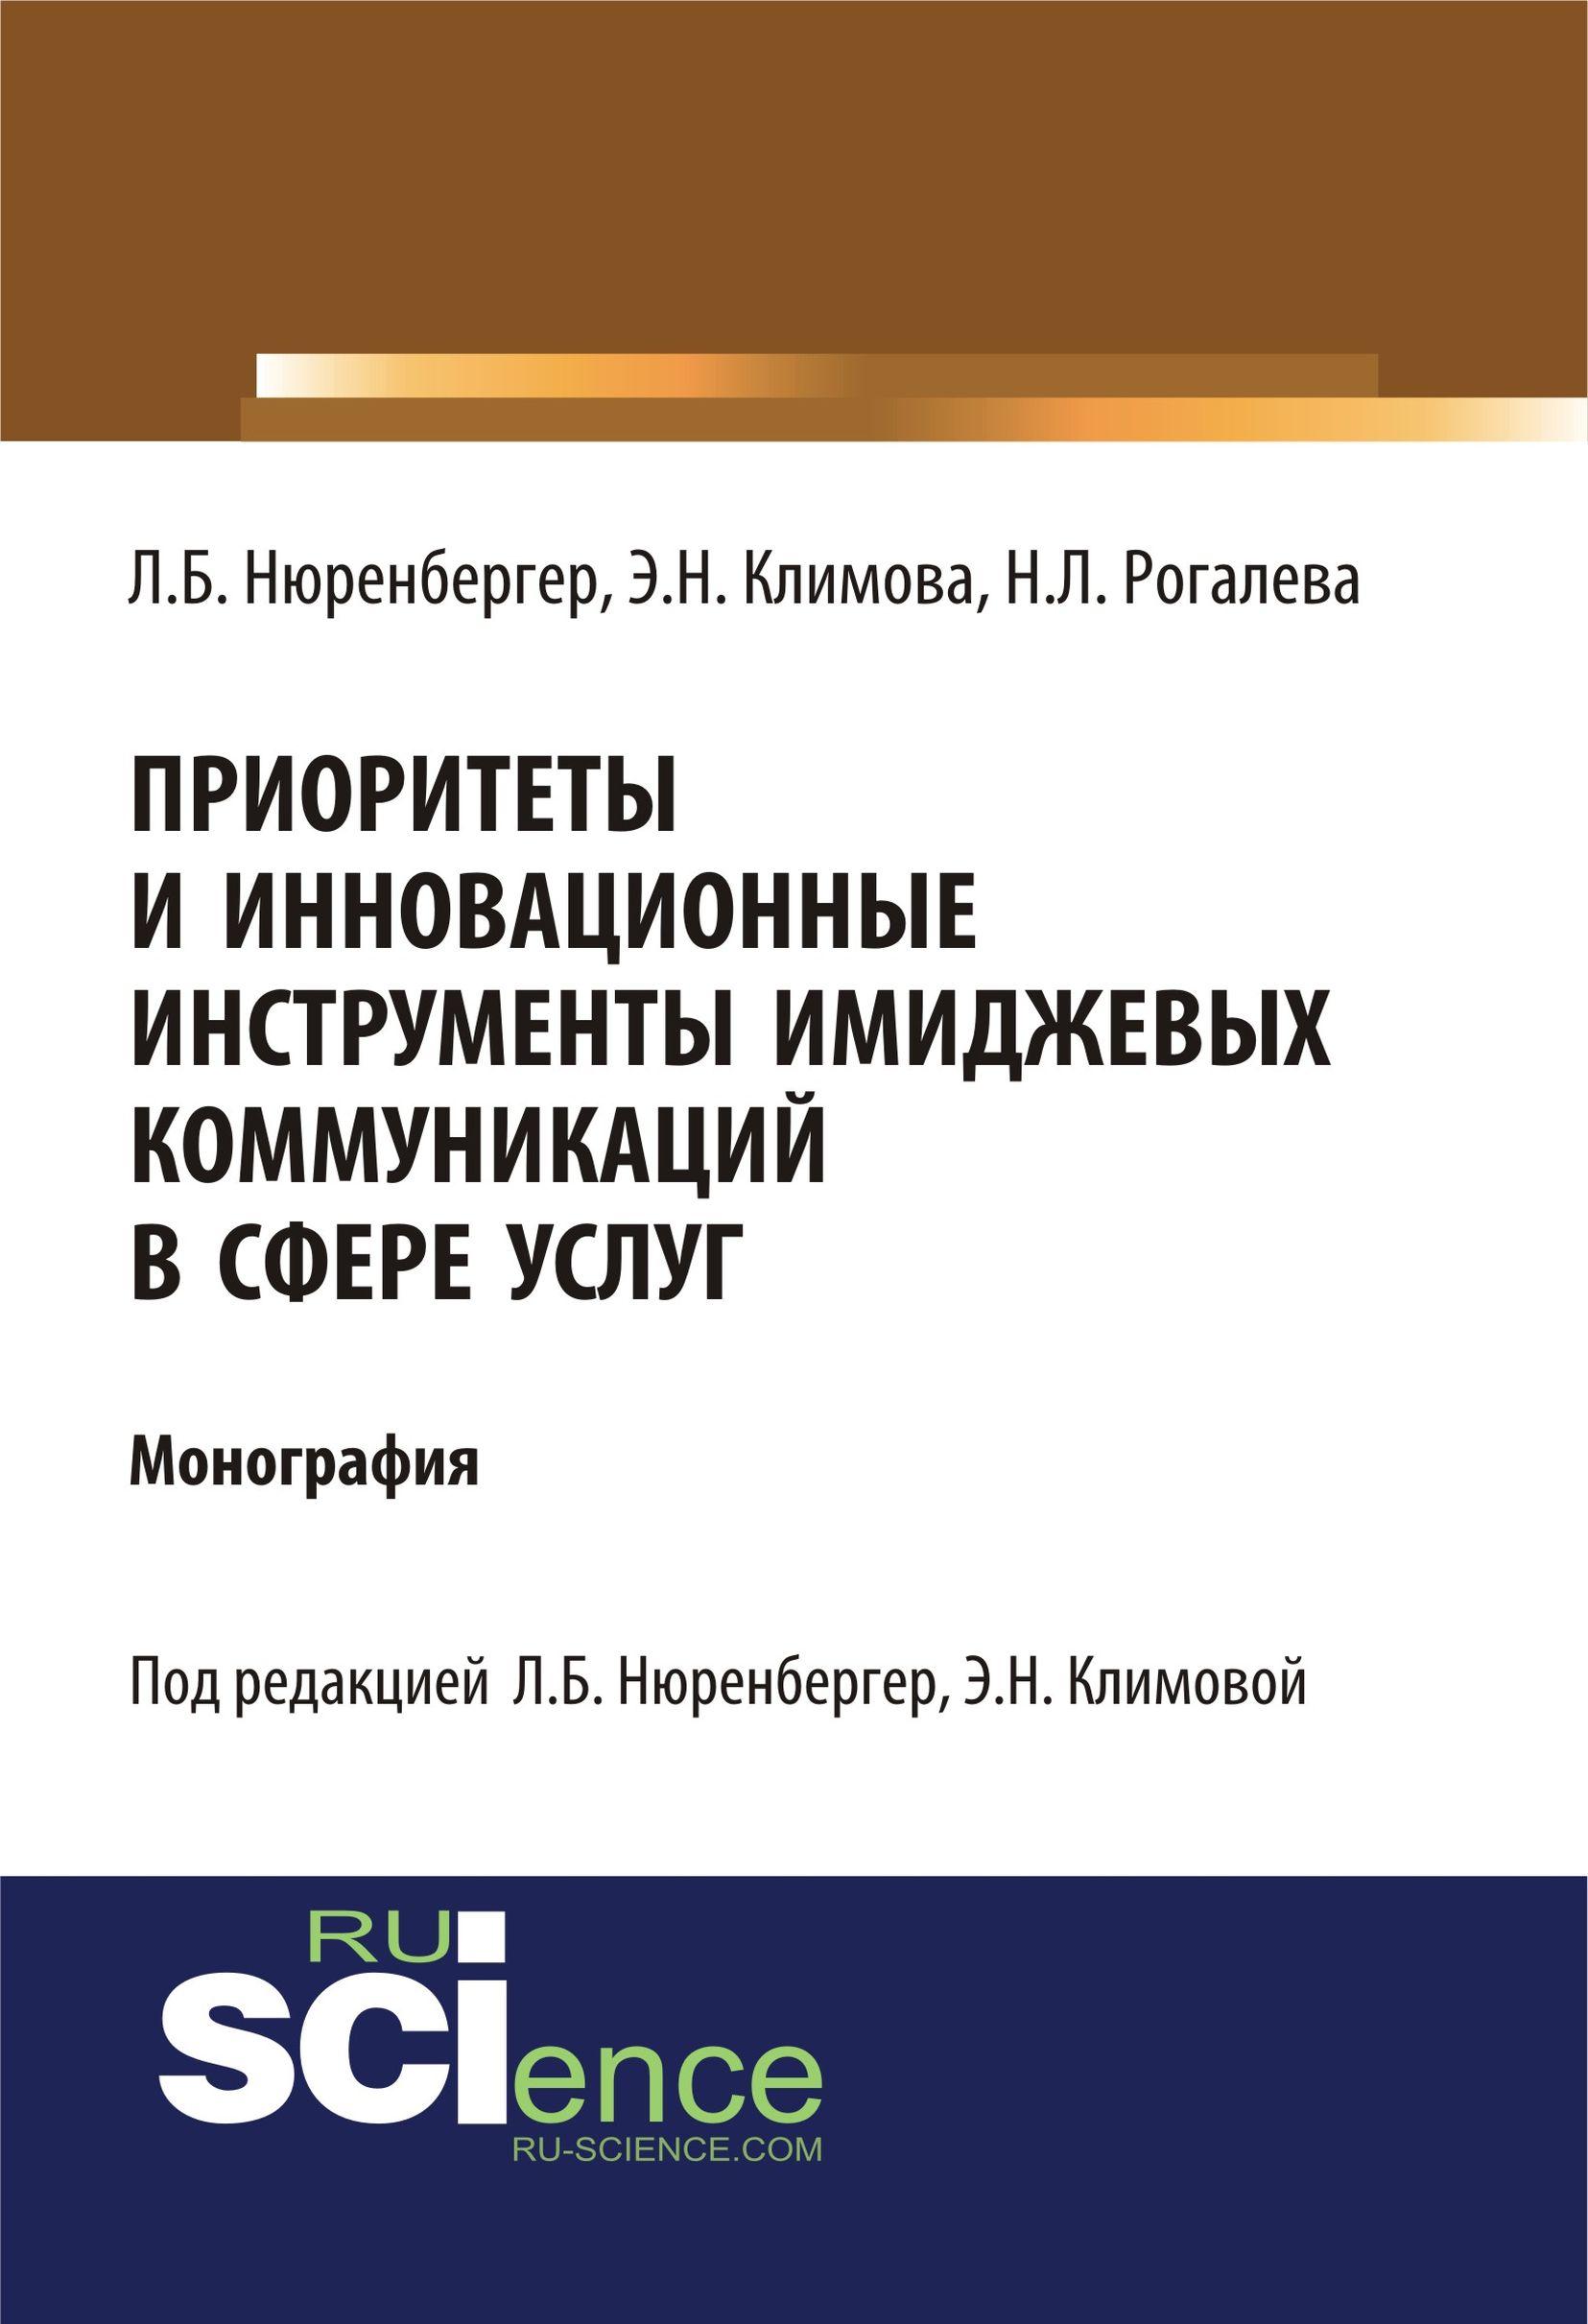 Л. Б. Нюренбергер Приоритеты и инновационные инструменты имиджевых коммуникаций в сфере услуг